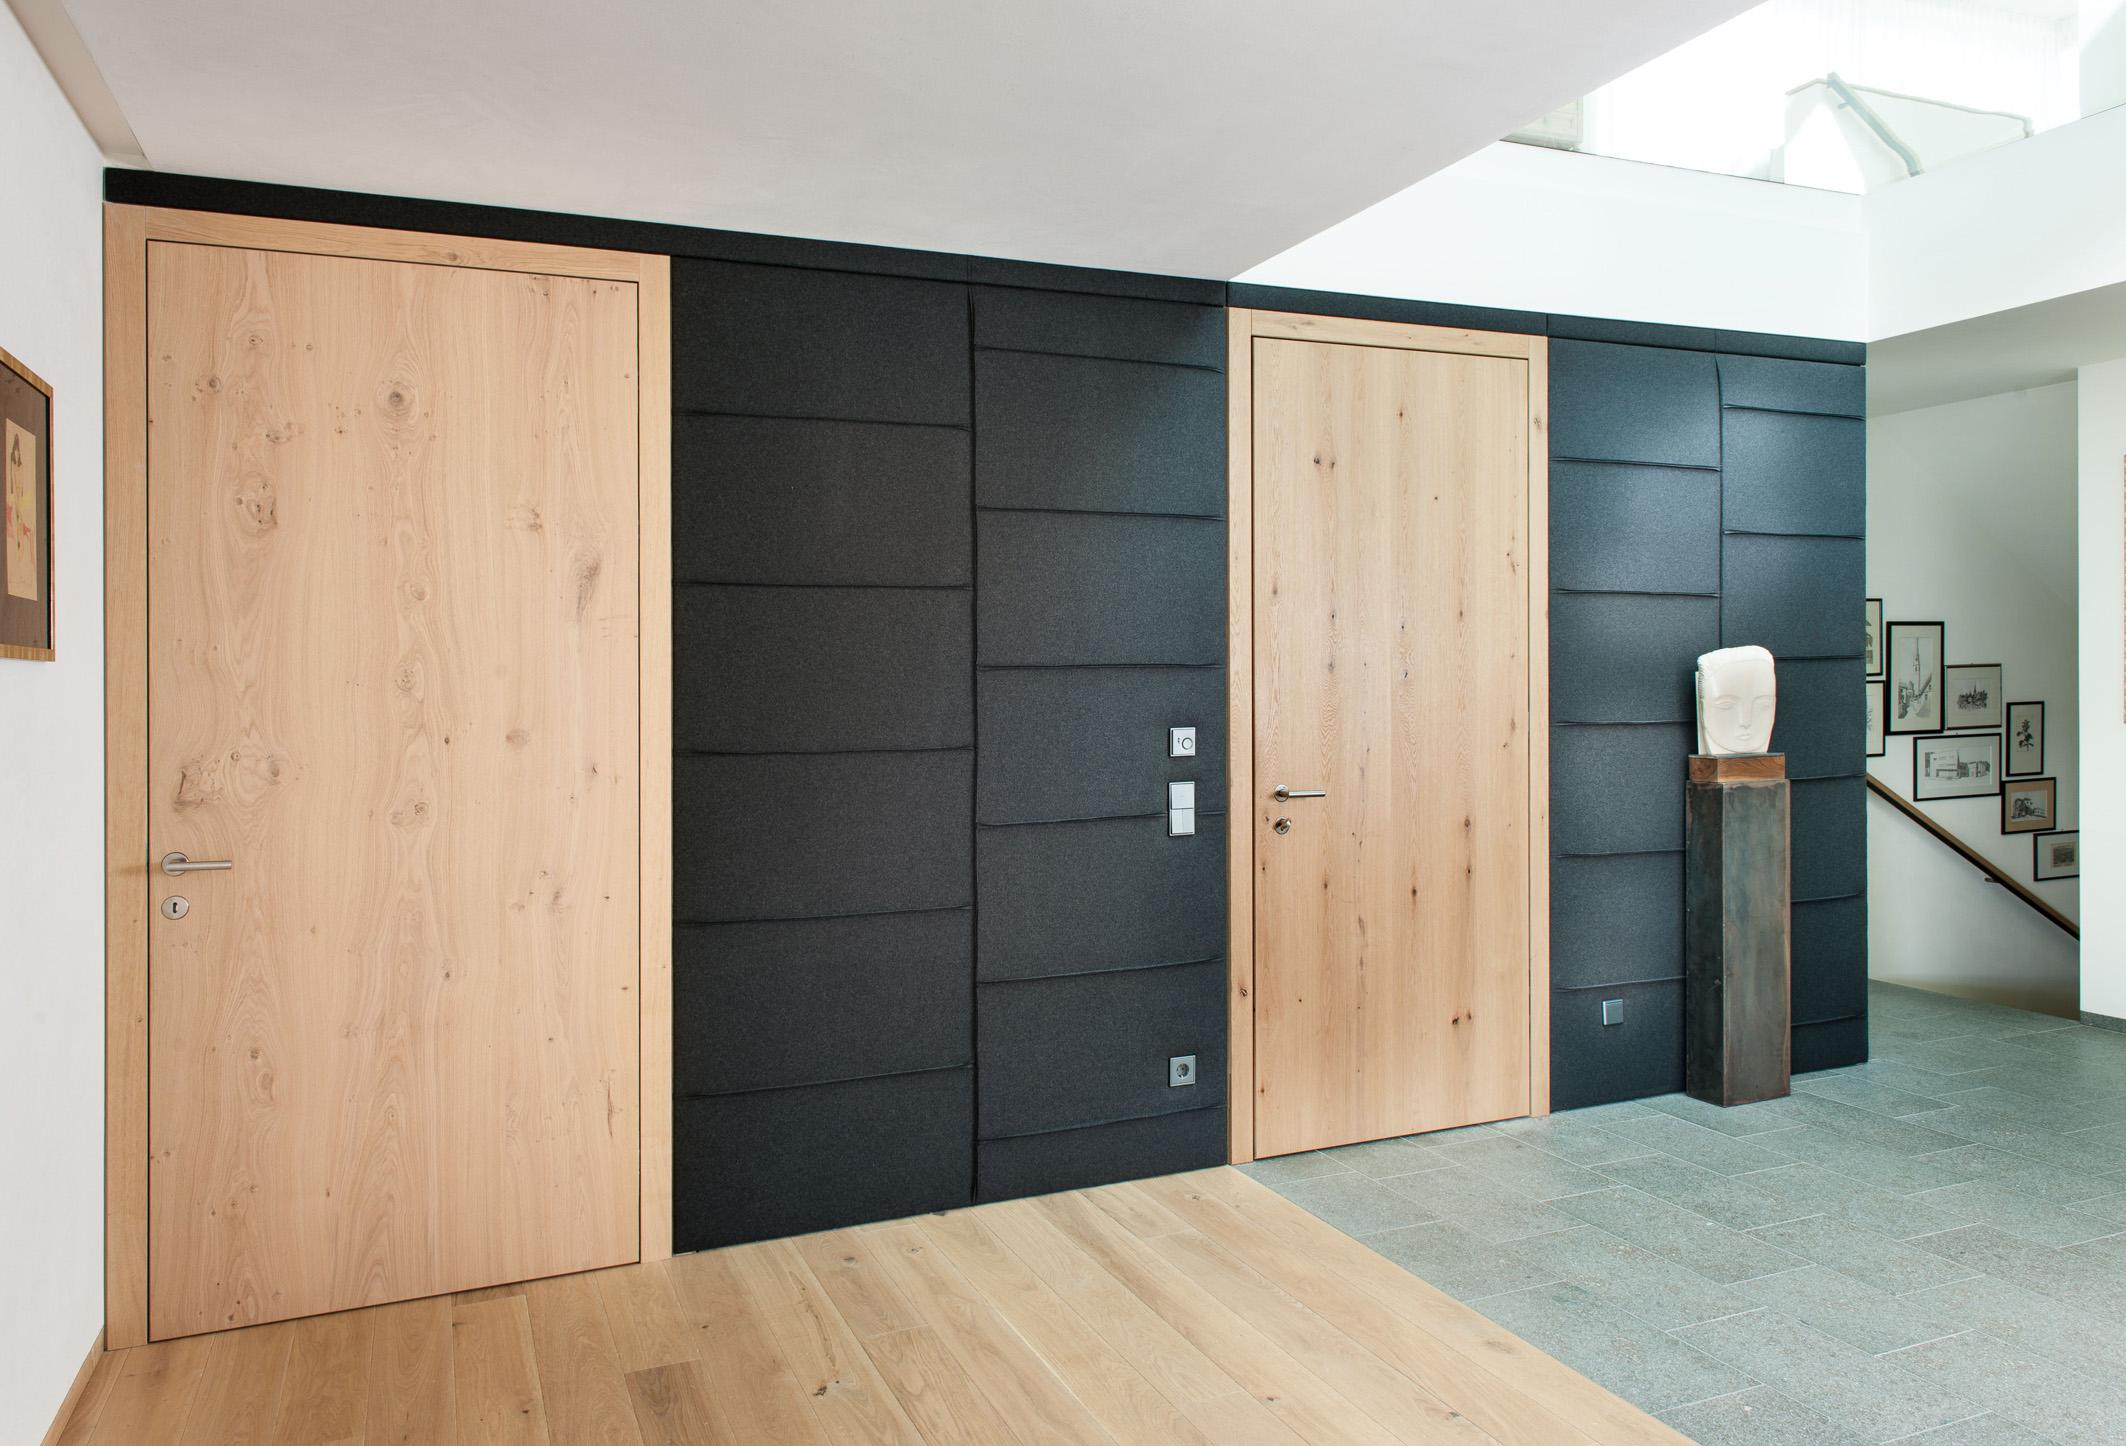 schallschutzt ren arbeiten wohnen und schlafen ohne l rmeinfl sse rubner t ren ag. Black Bedroom Furniture Sets. Home Design Ideas